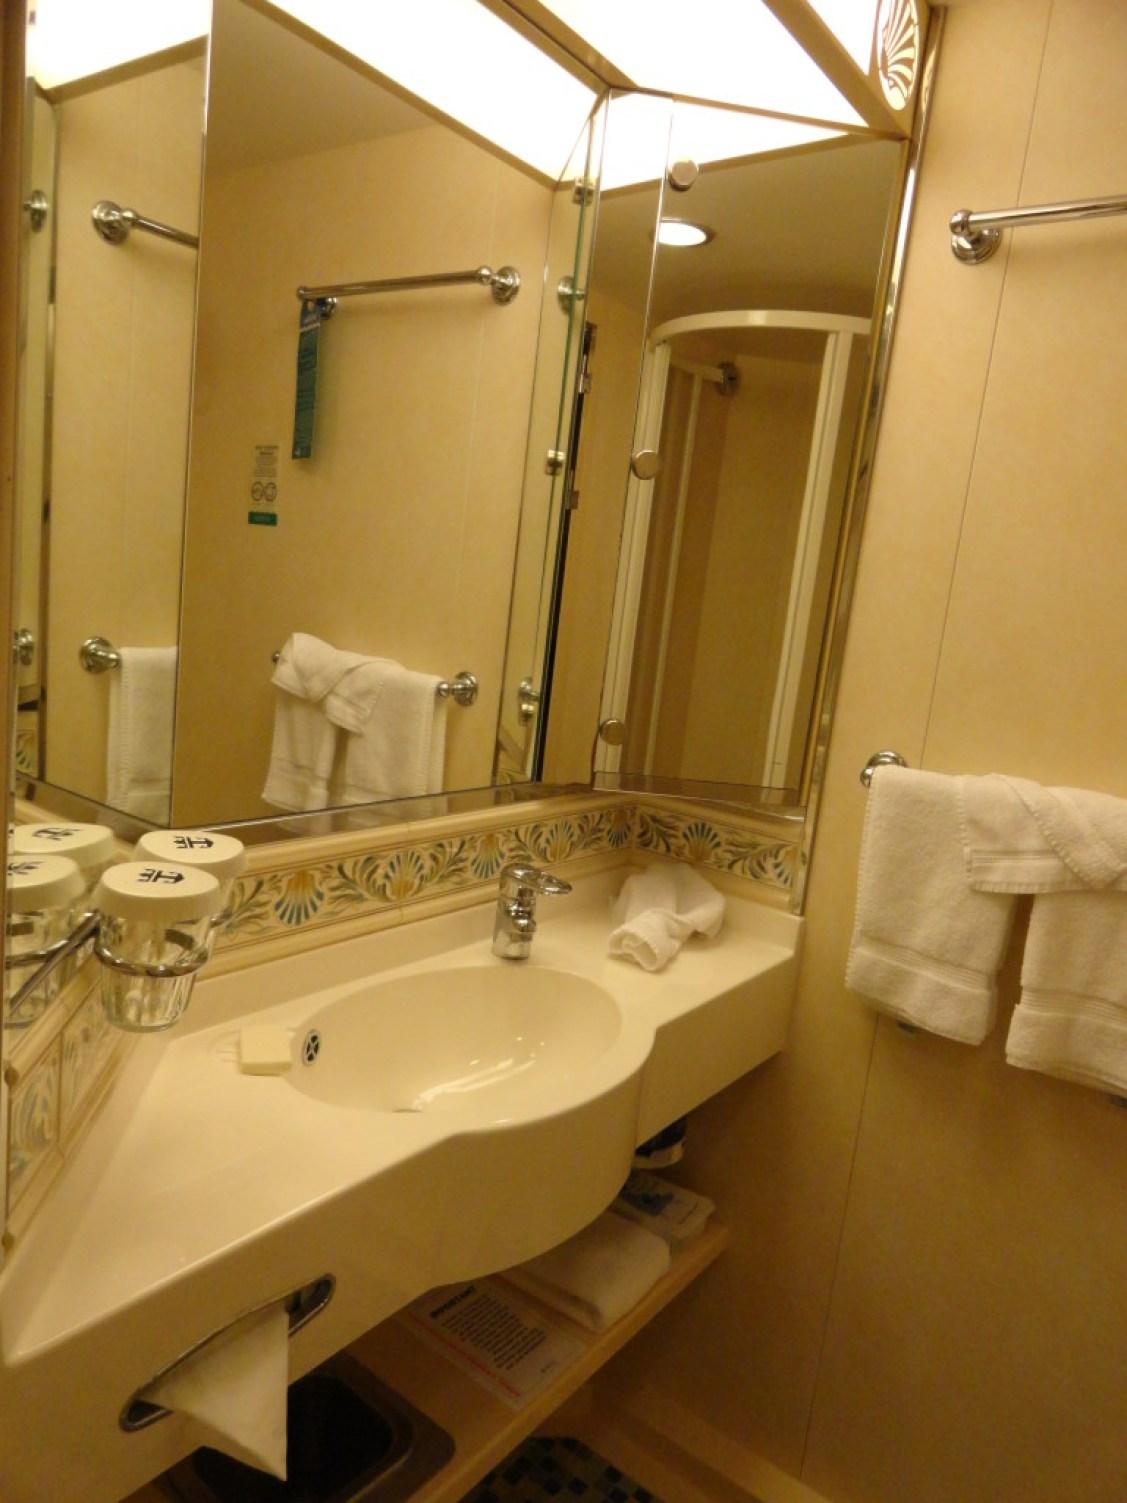 Toilette auf der Navigator of the Seas in der Balkonkabine